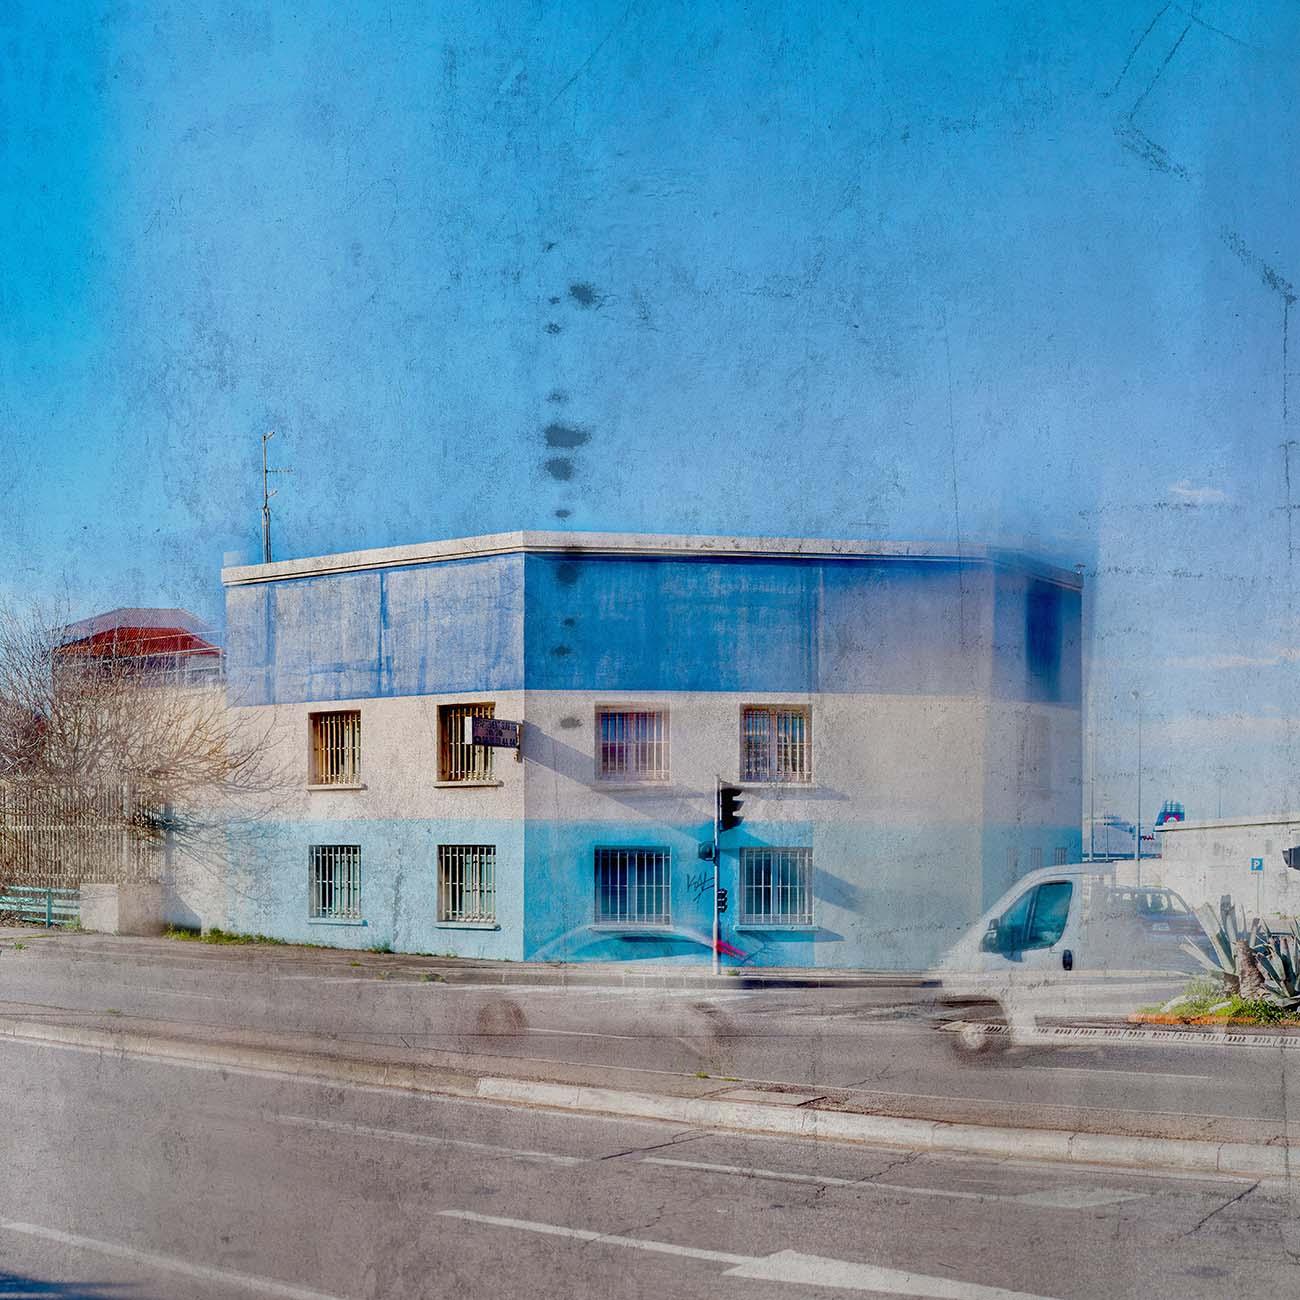 Le Bâtiment bleu Port autonome Bleu Marseille Paul-Louis LEGER Photographe